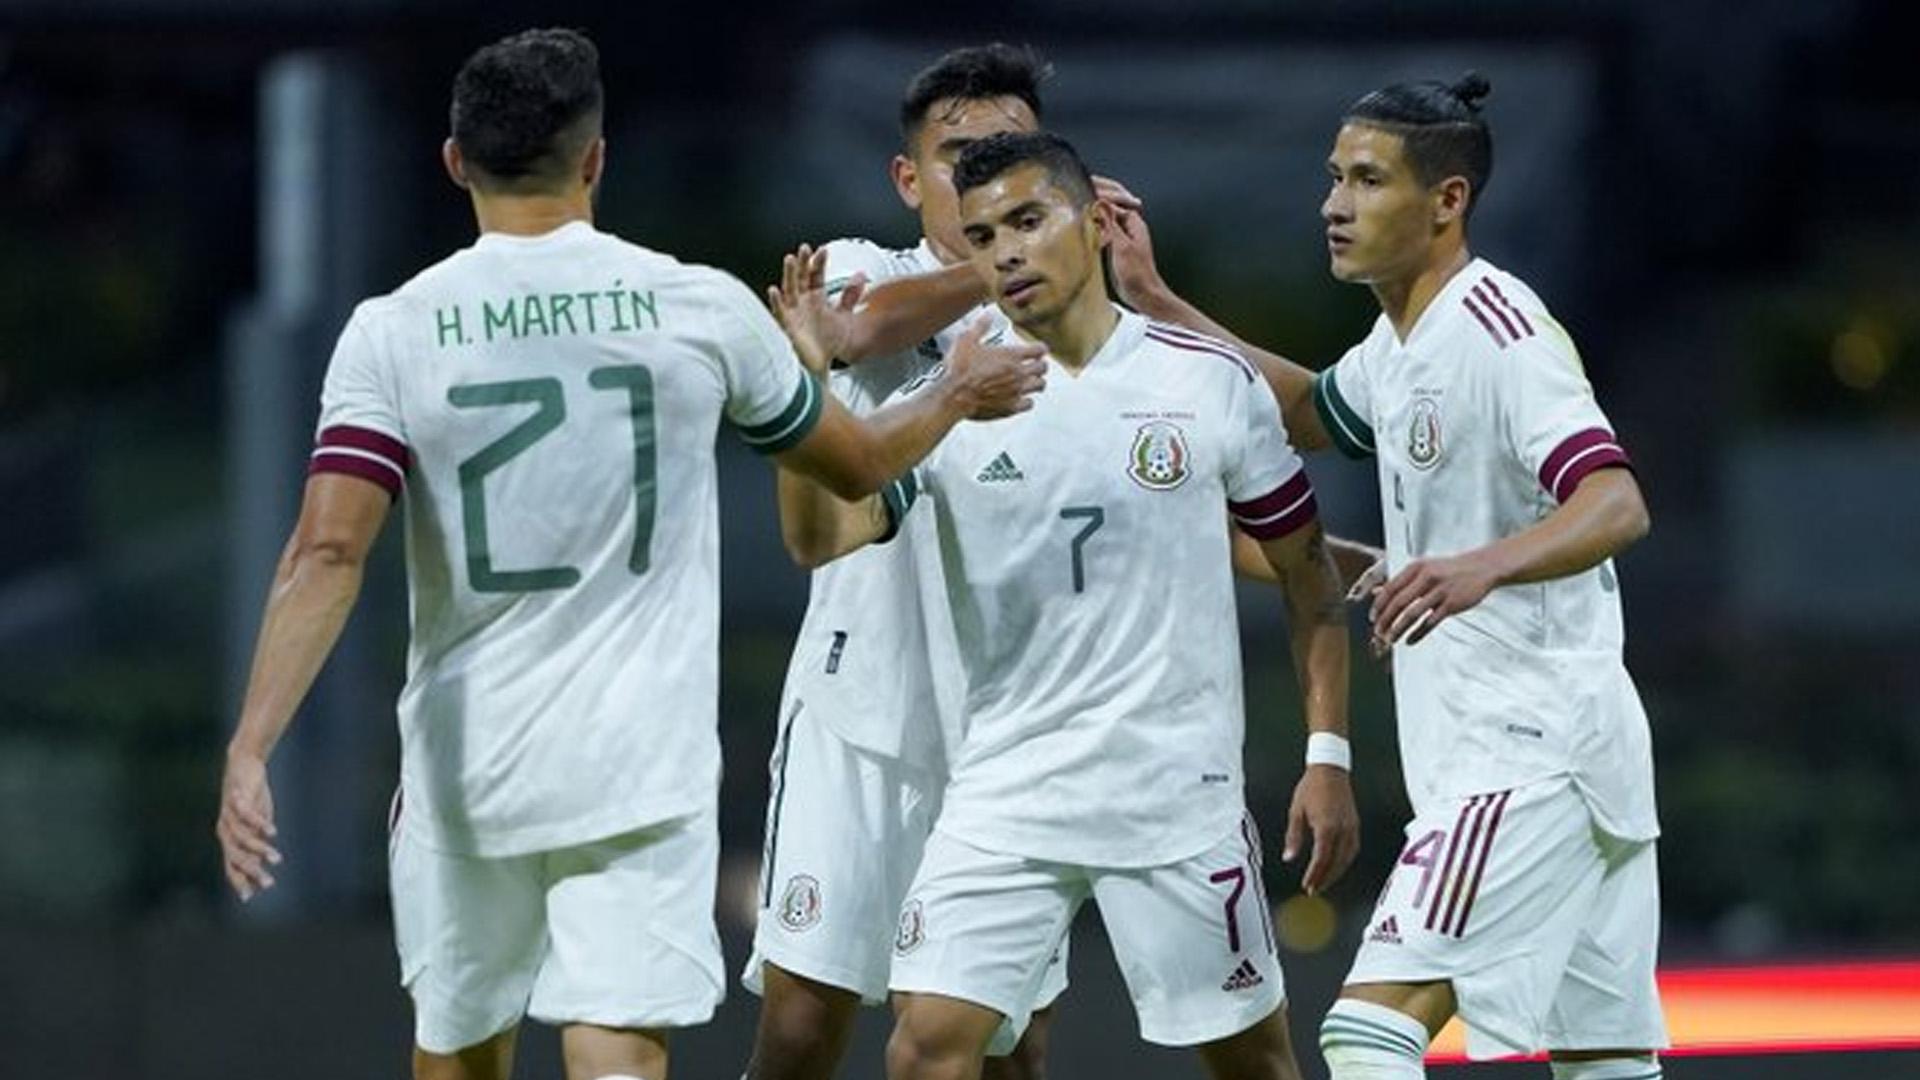 La selección mexicana goleó este miércoles por 3-0 a Guatemala. Foto Twitter @miseleccionmx